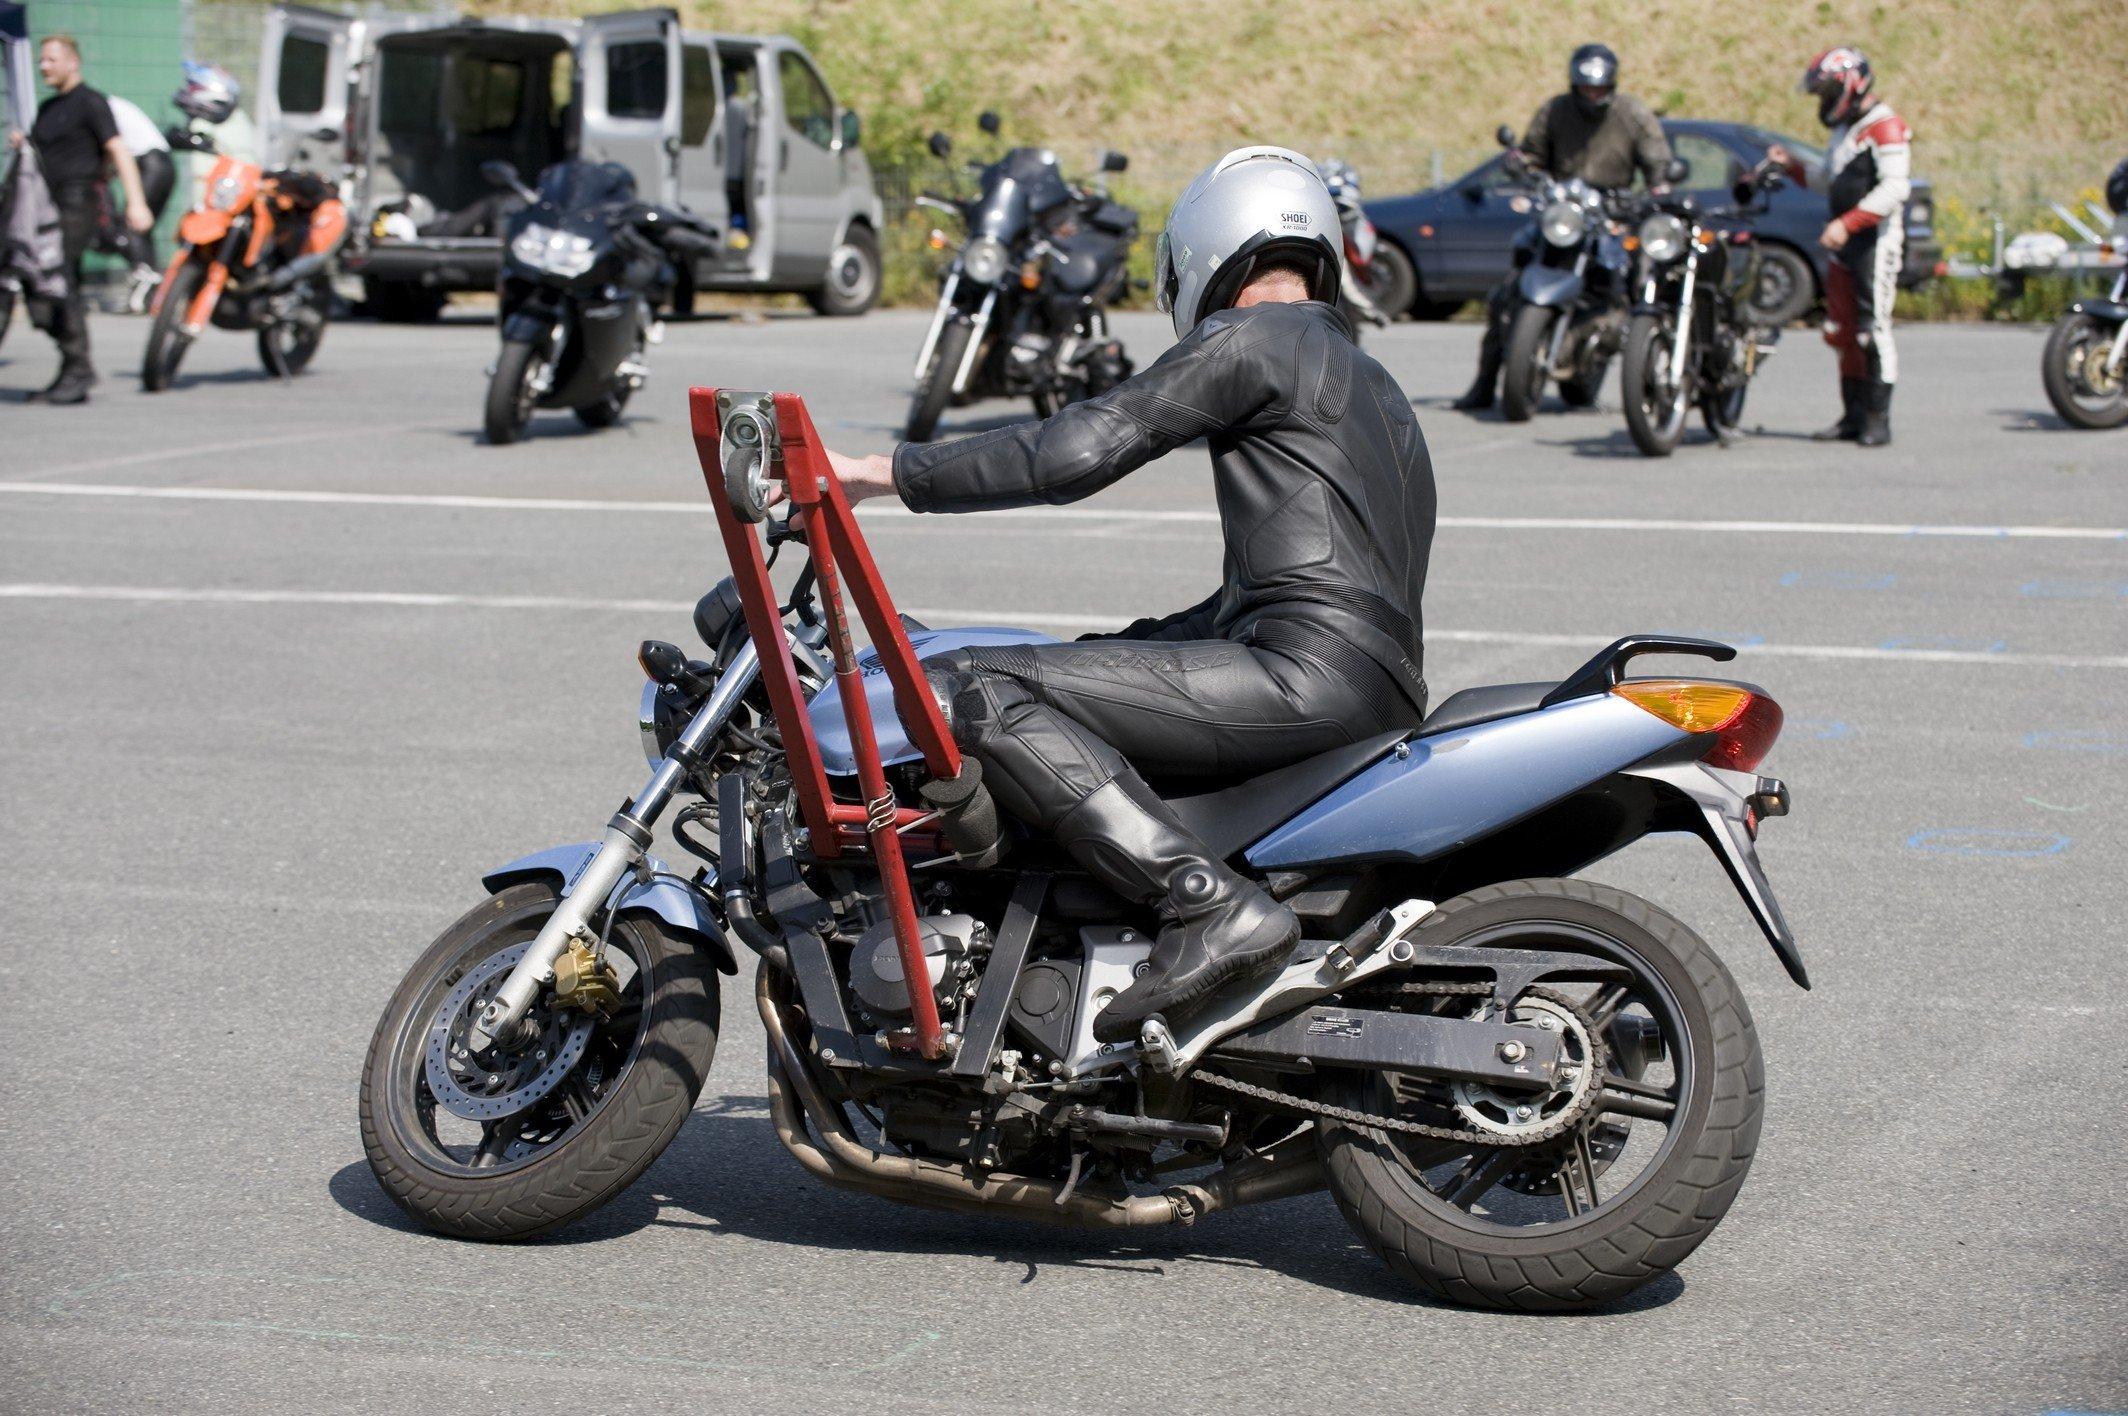 Motorrad-Sicherheitstraining-Schraeglagentraining-006